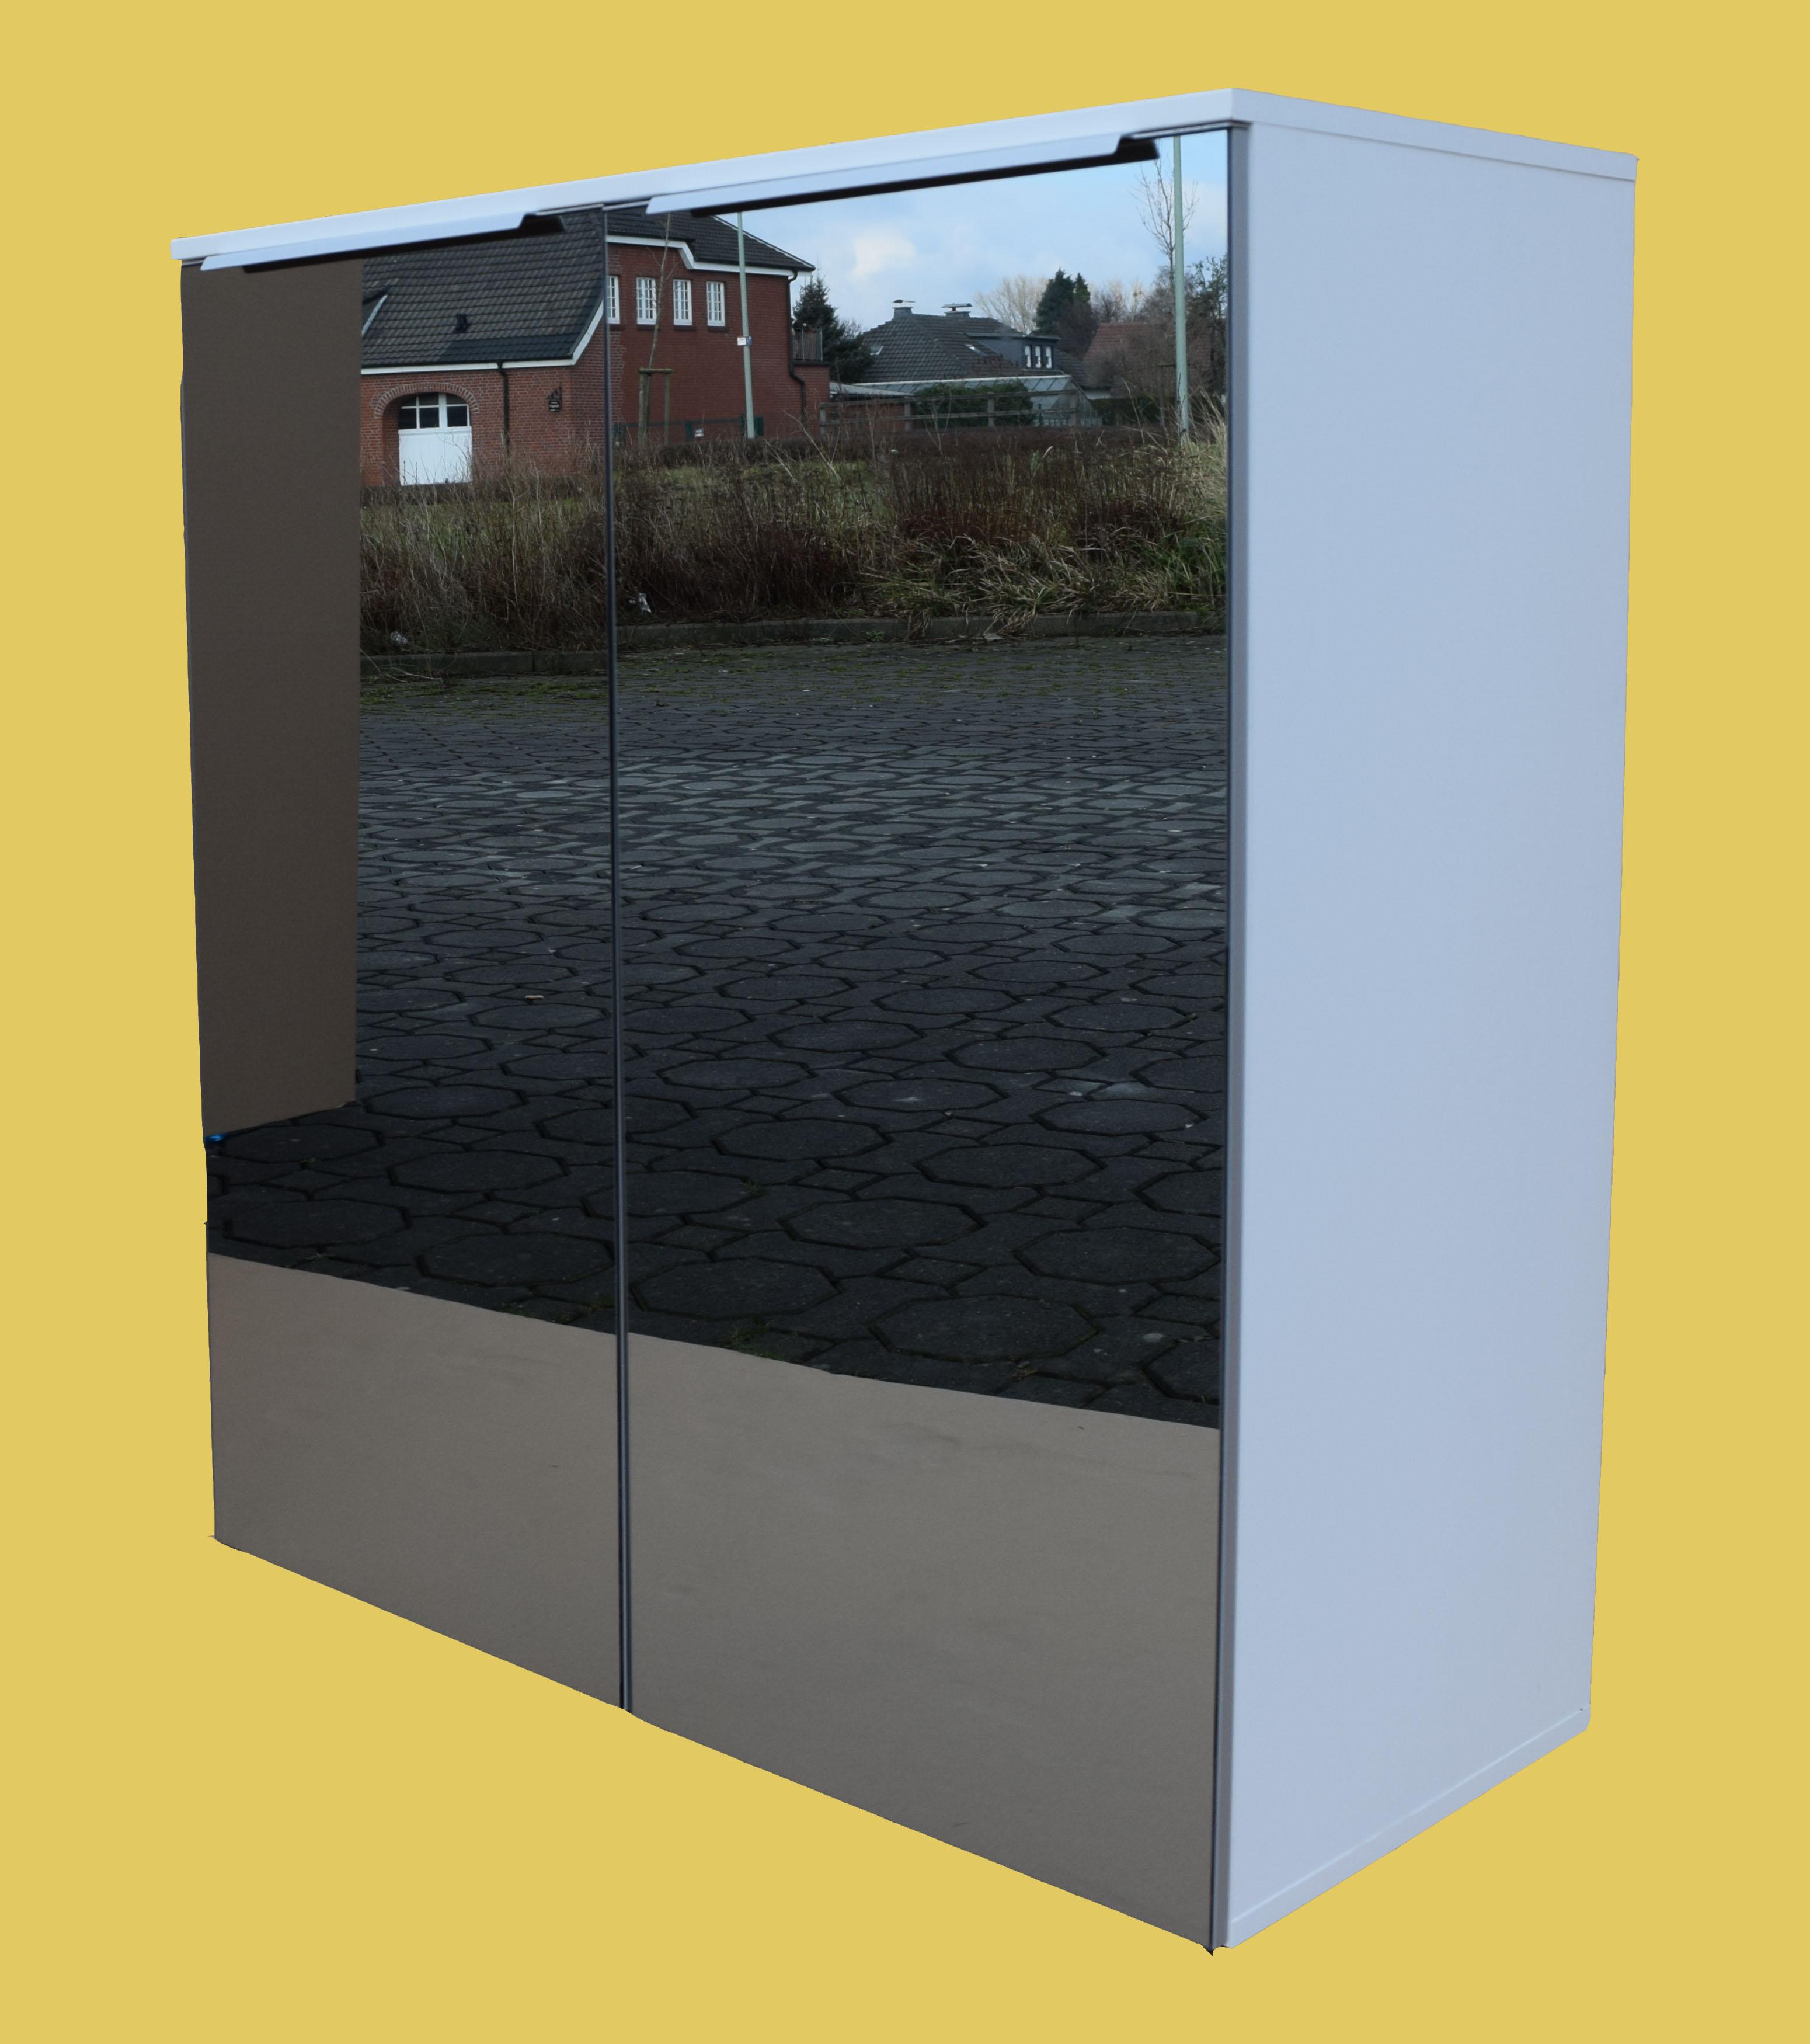 kommode mehrzweckkommode aktenschrank 2 t rig mod k546 weiss schwarz grau glas ebay. Black Bedroom Furniture Sets. Home Design Ideas